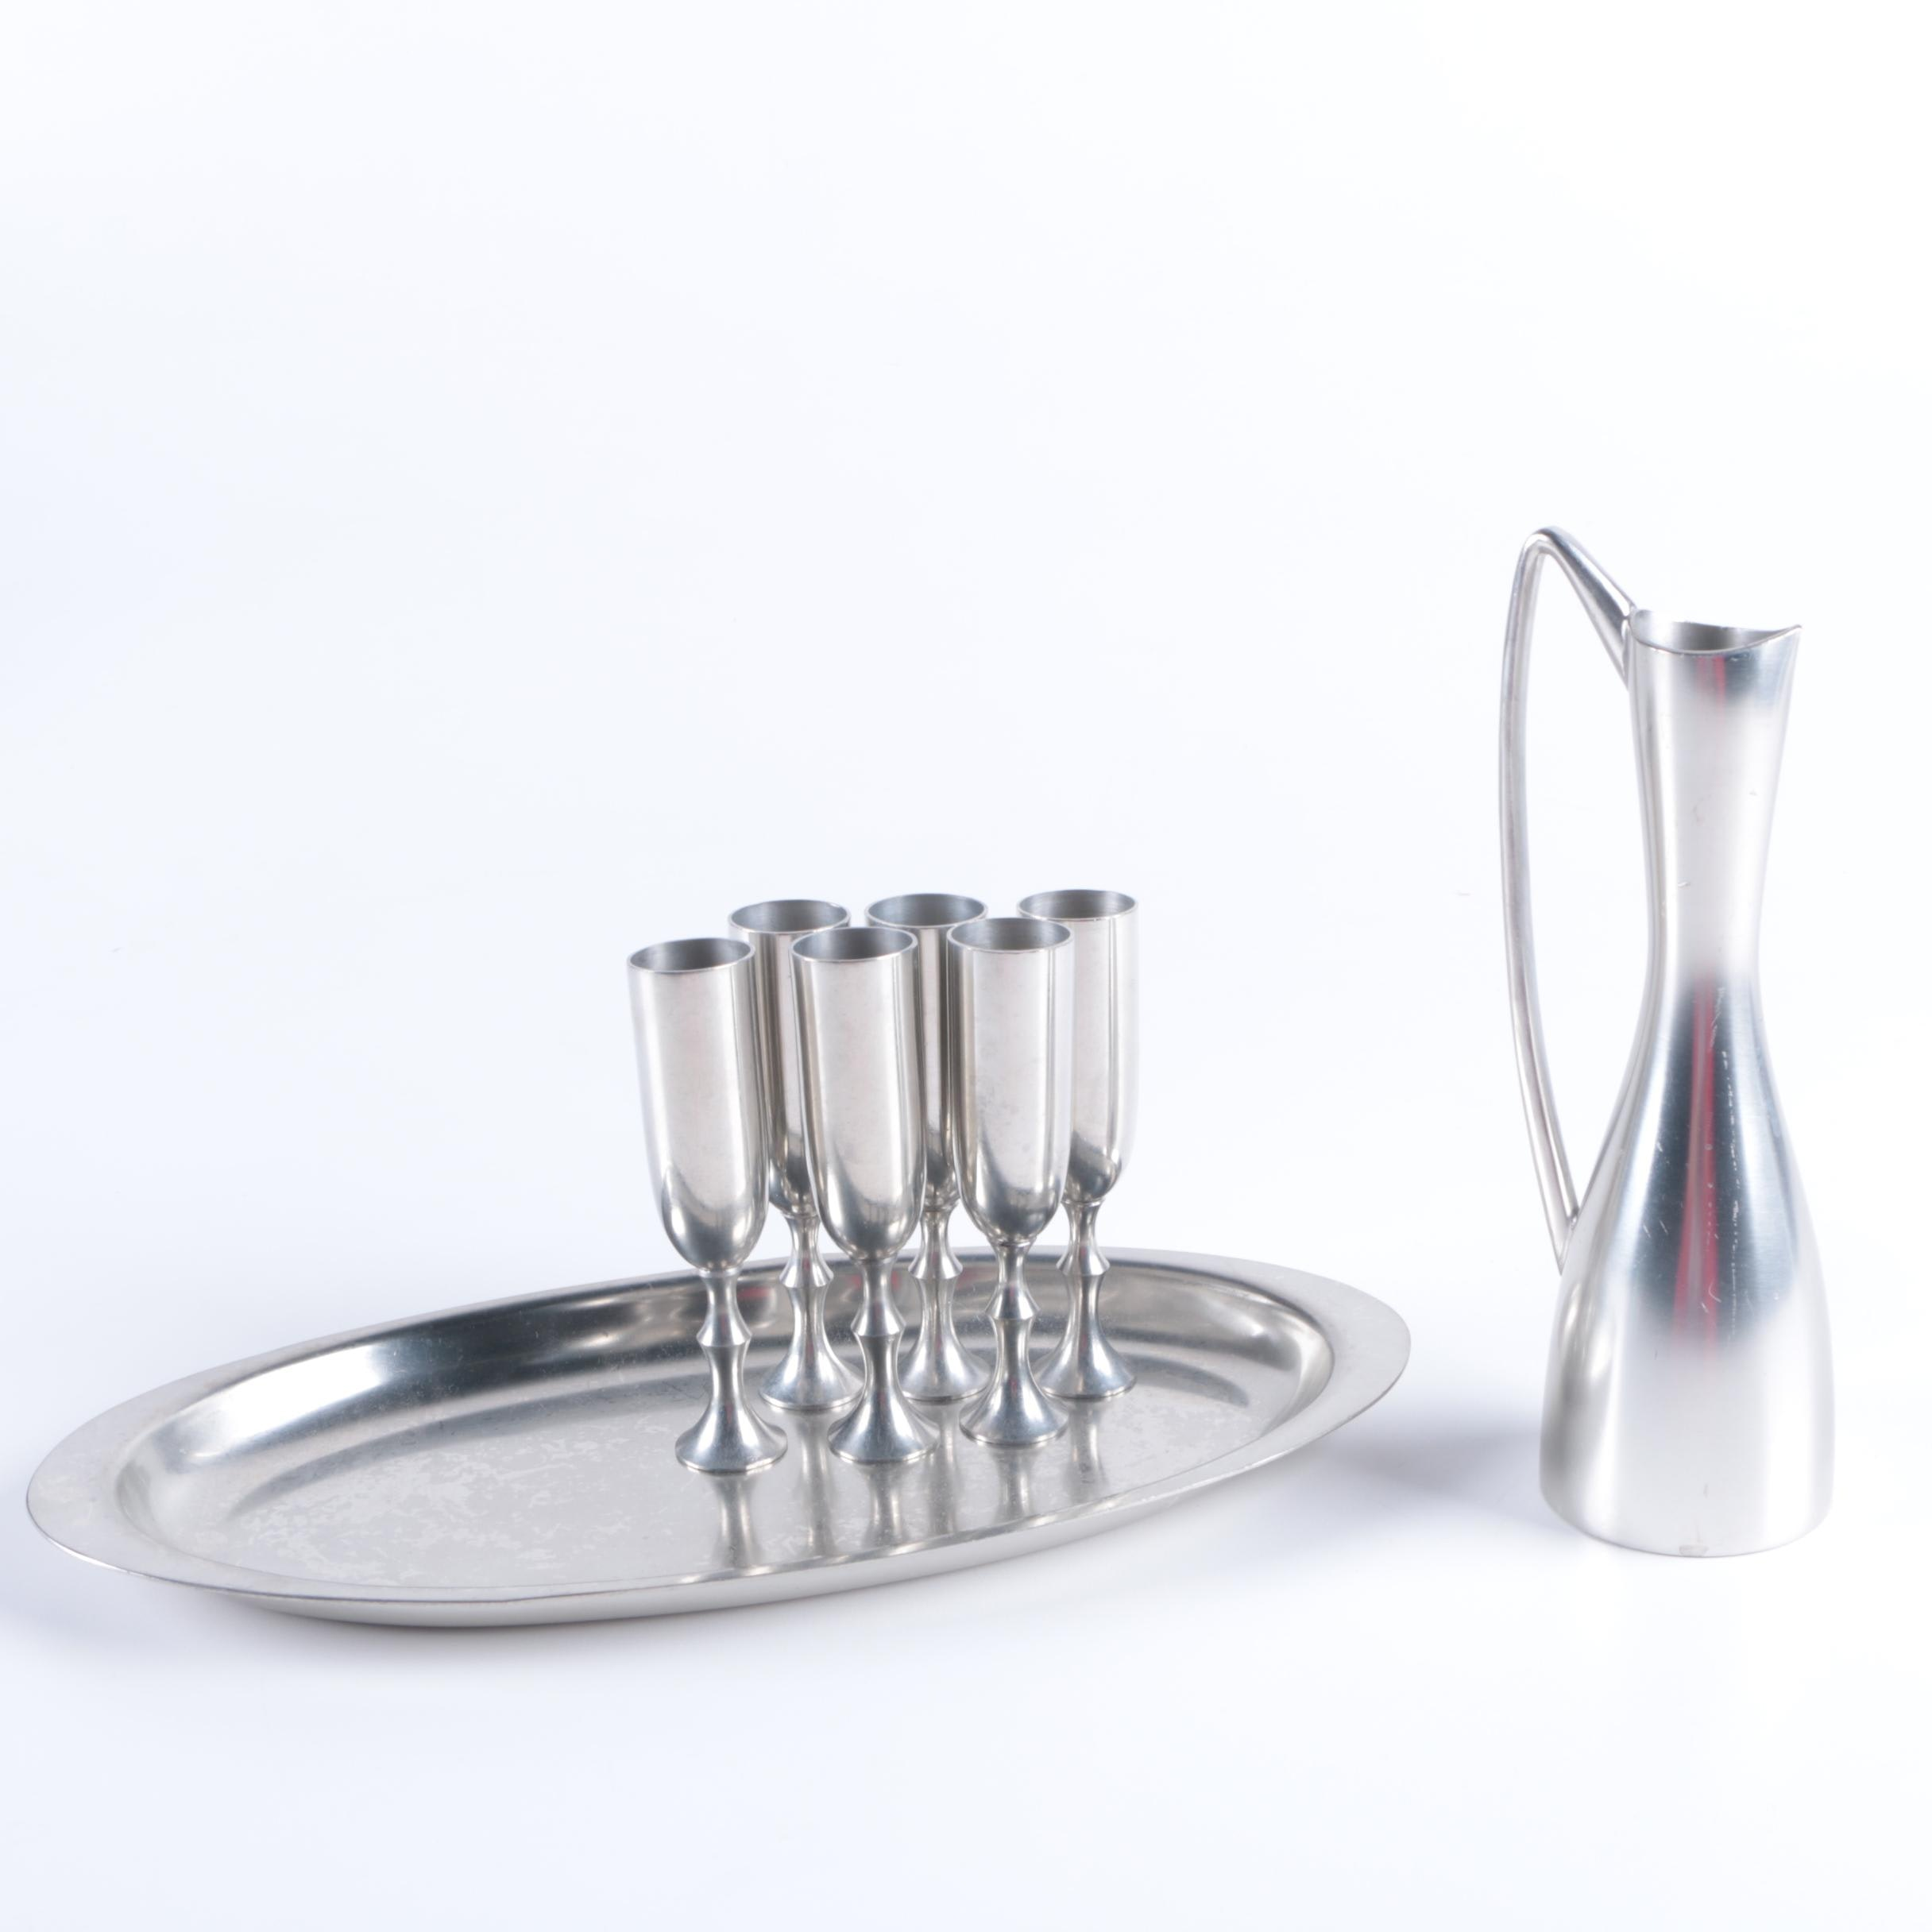 Metawa Holland Pewter Tableware